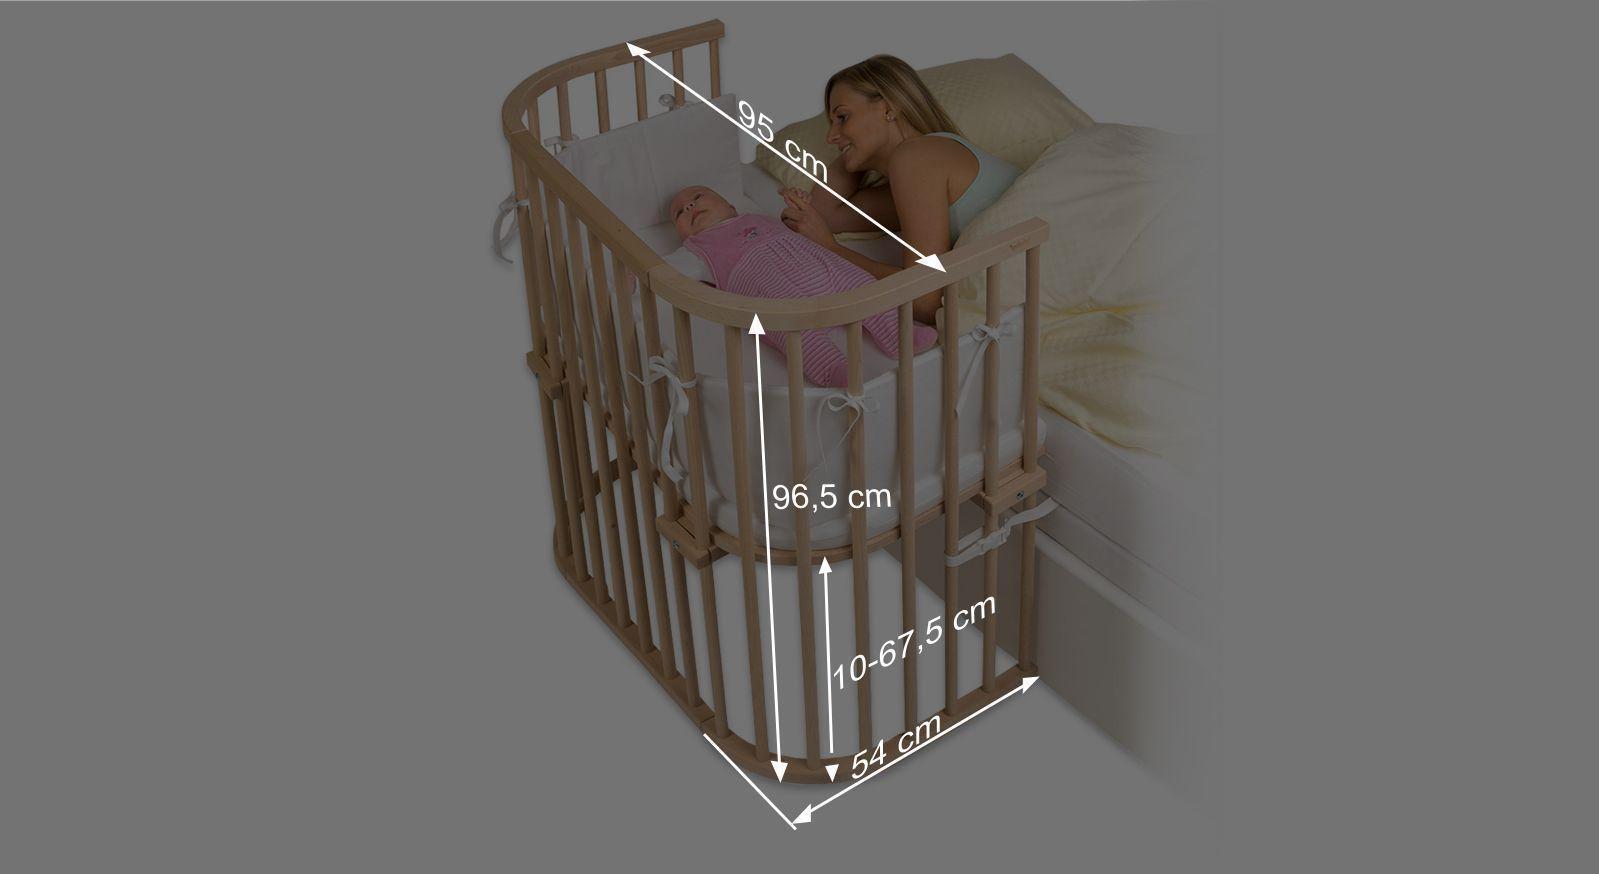 Bemaßungsgrafik zum Anstellbettchen BabyBay Boxspring